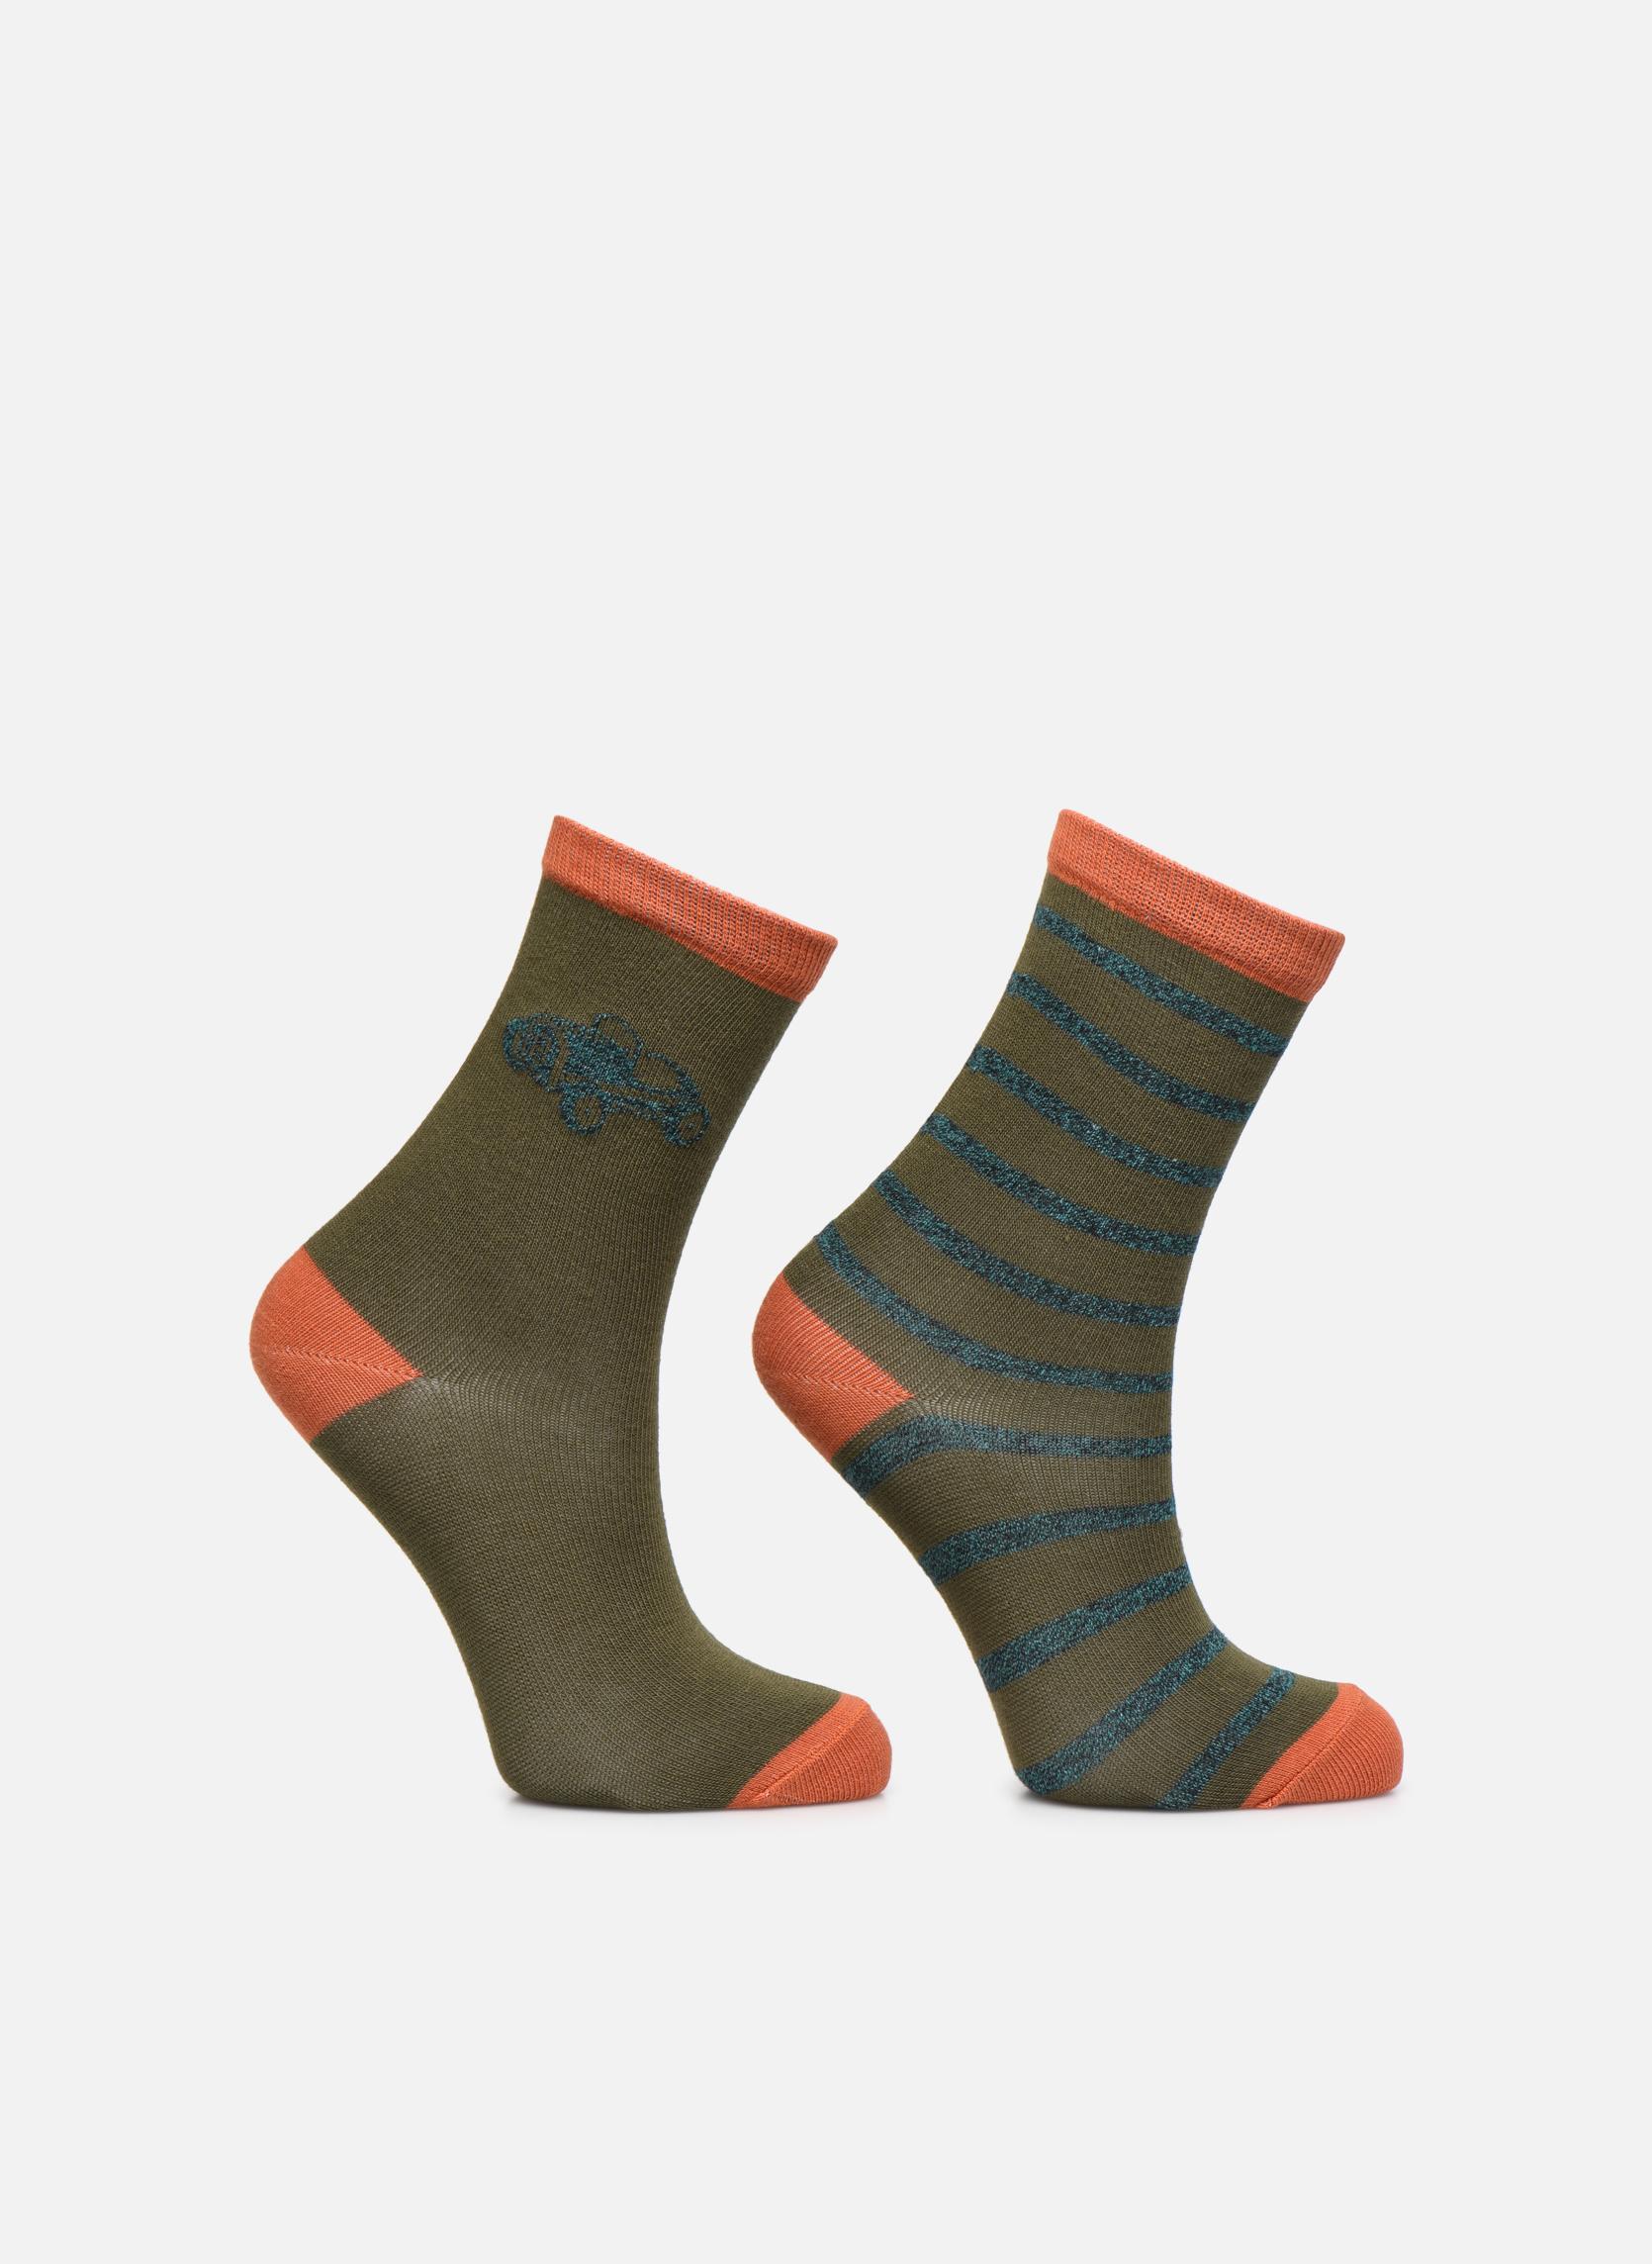 Socks Fantaisie Pack of 2 Kaki